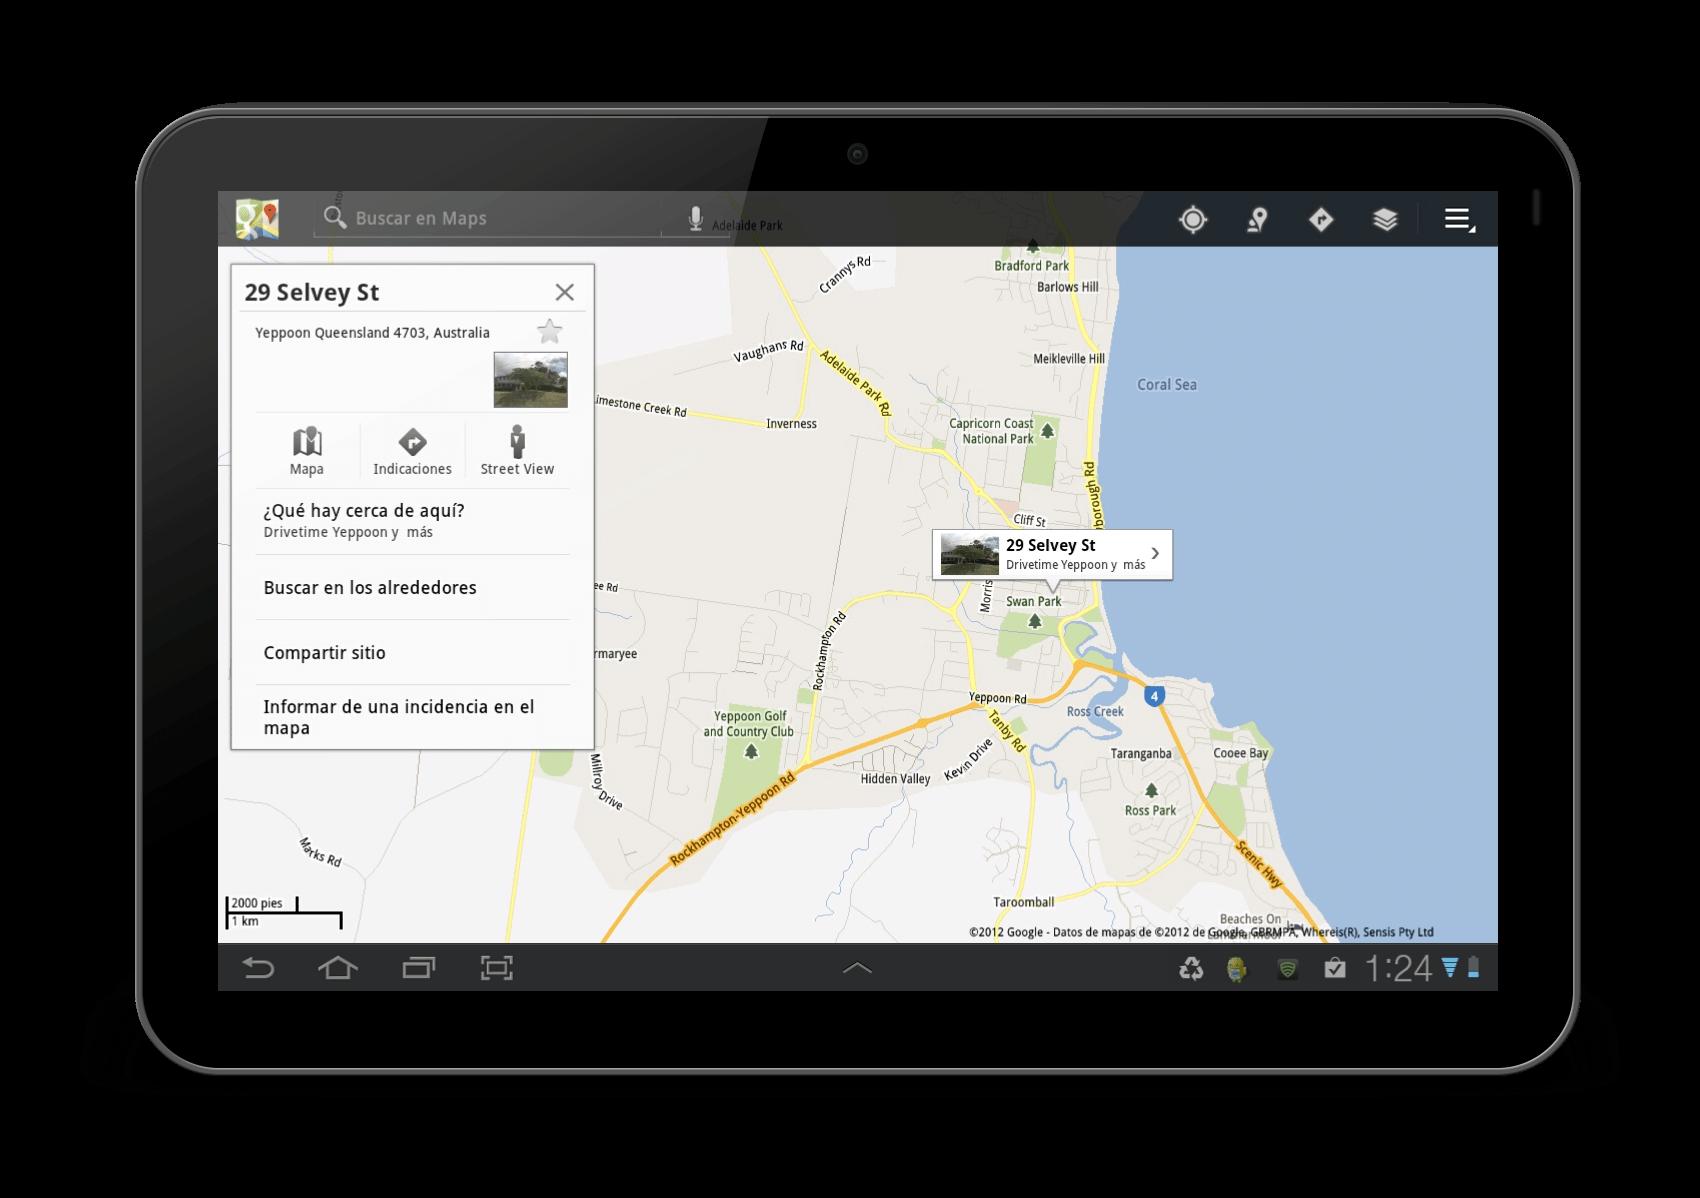 Pantalla de ayuda de Google Map para acceder a StreetView